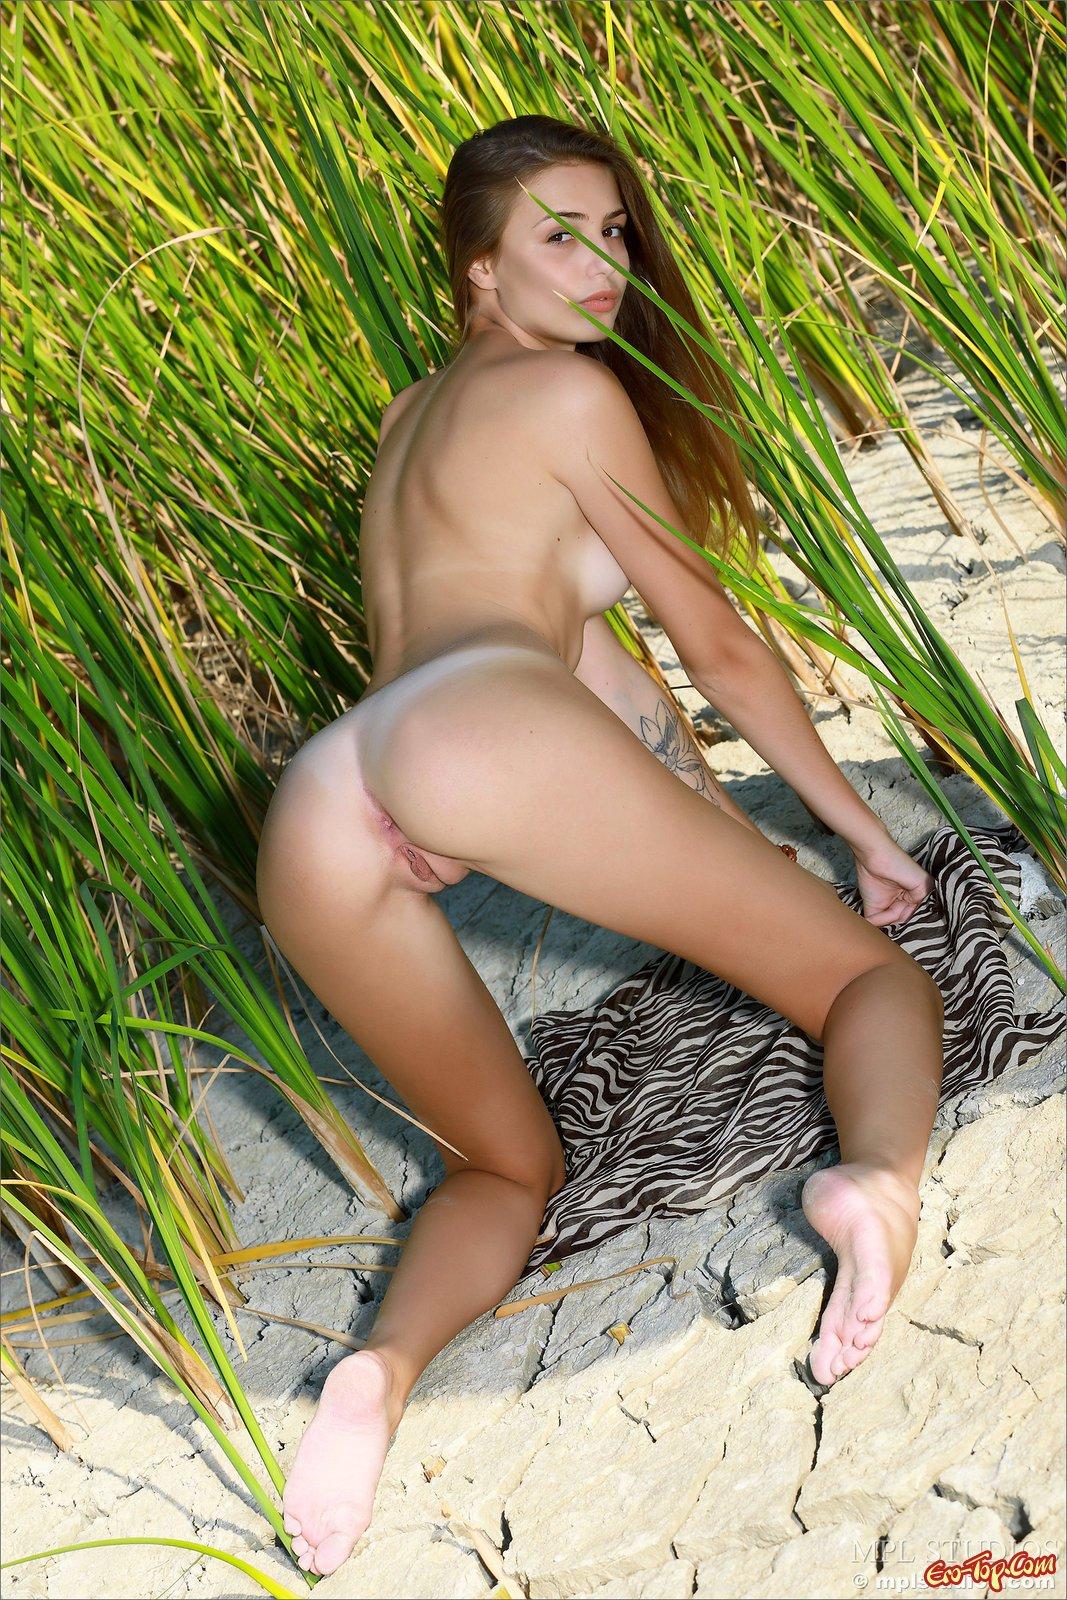 Голая девушка показала себя позируя в камышах